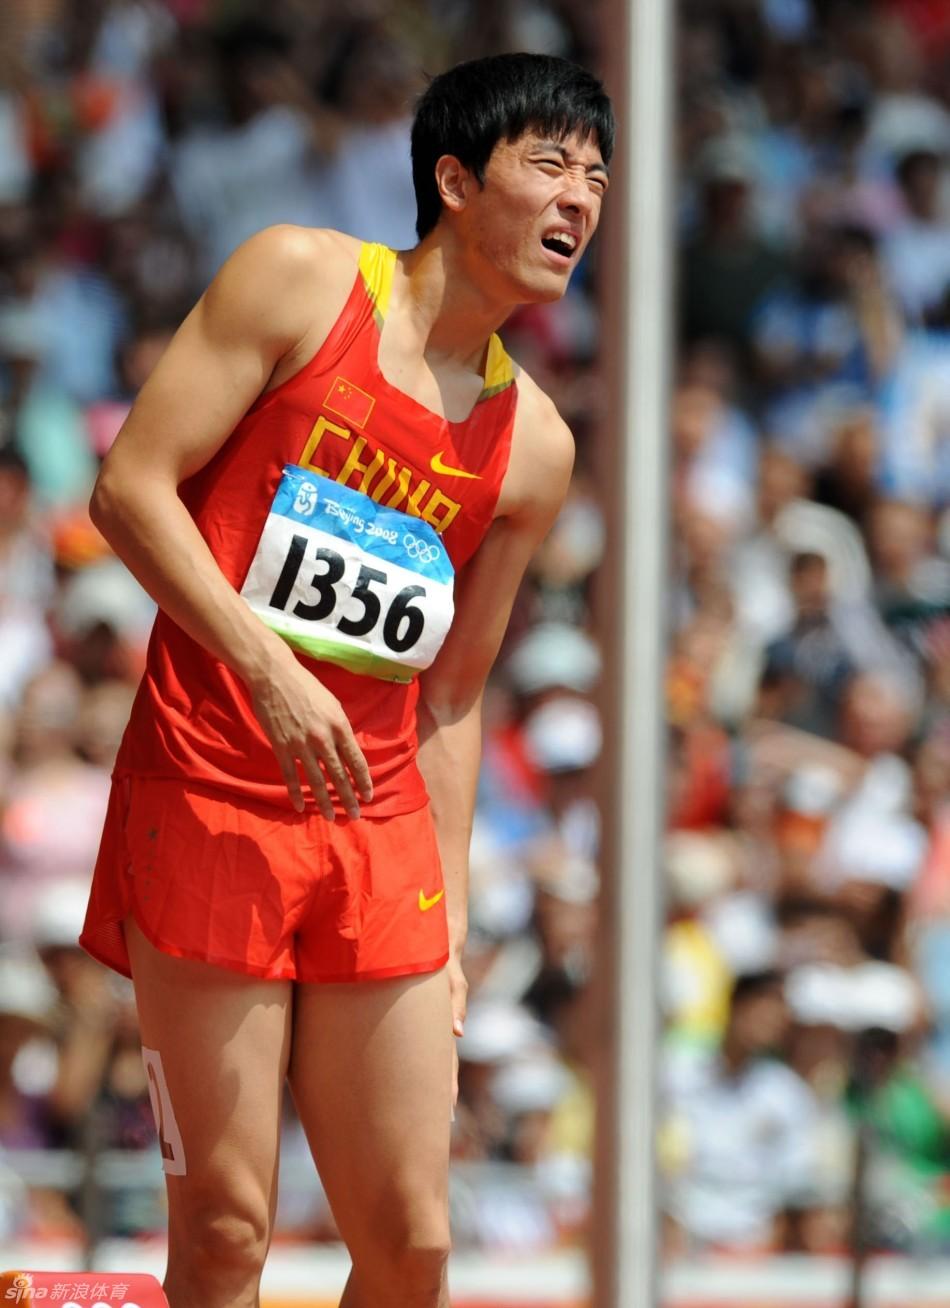 刘翔在北京奥运会进行上场准备时感到不适